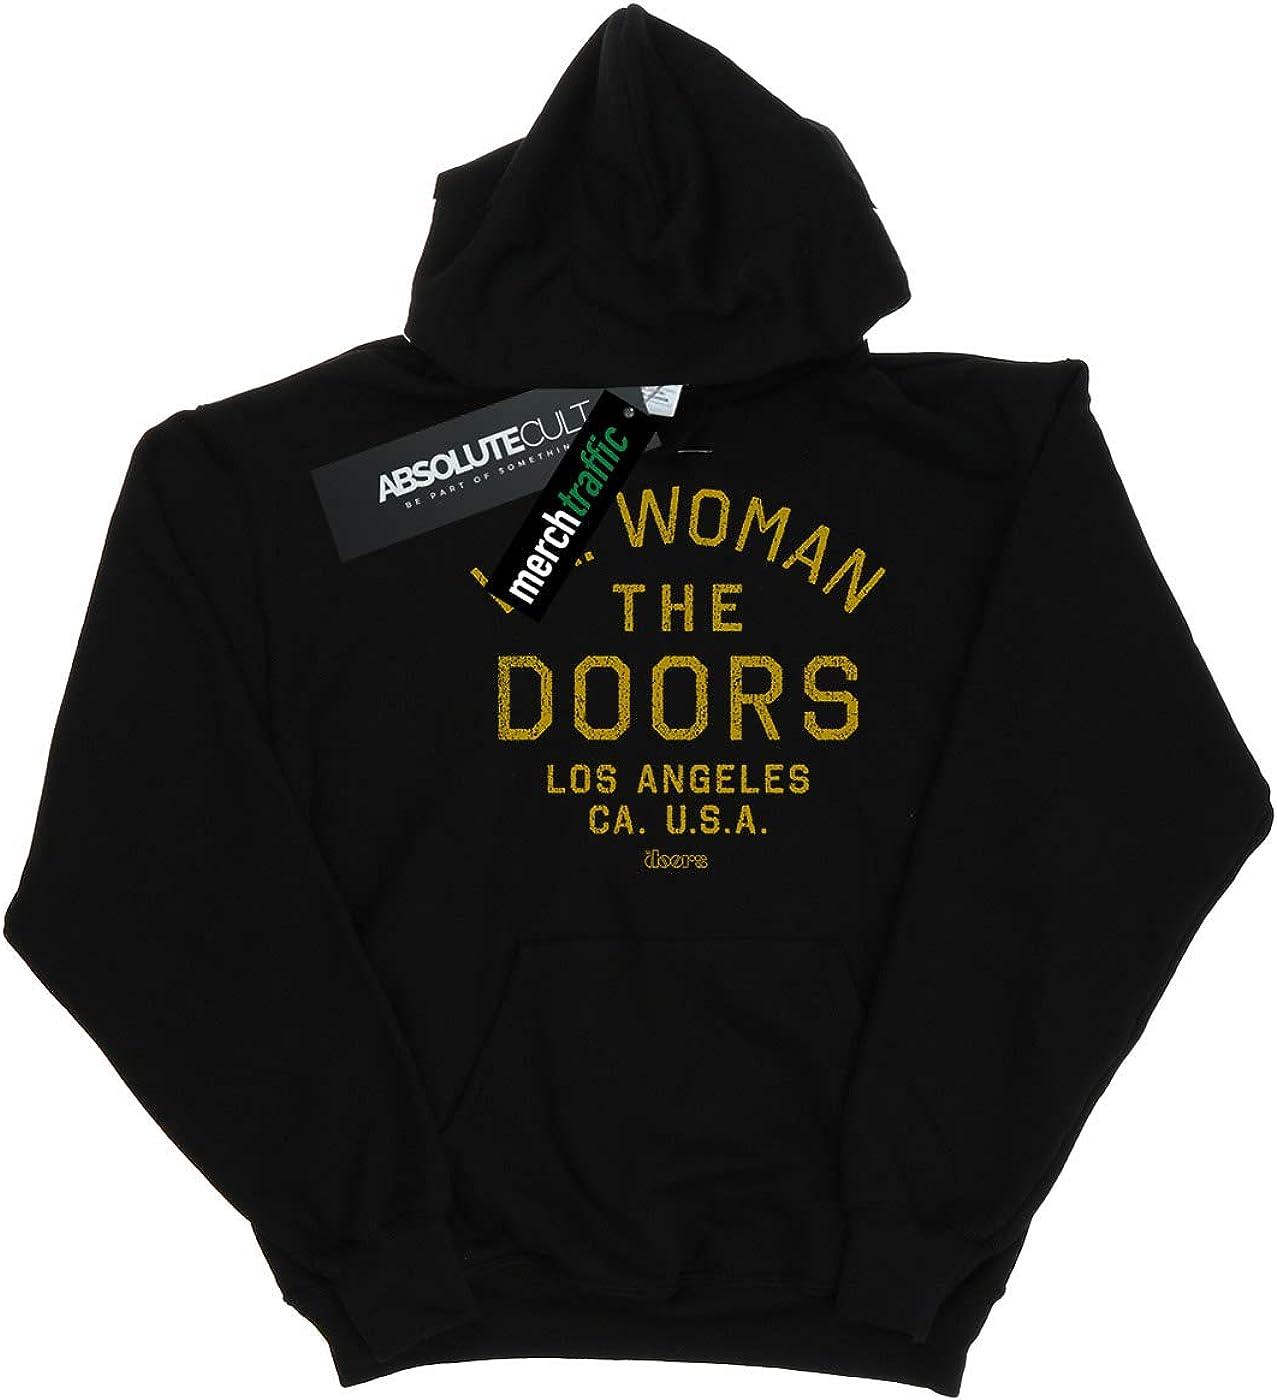 Absolute Cult The Doors Homme LA Woman Text Sweat À Capuche Noir